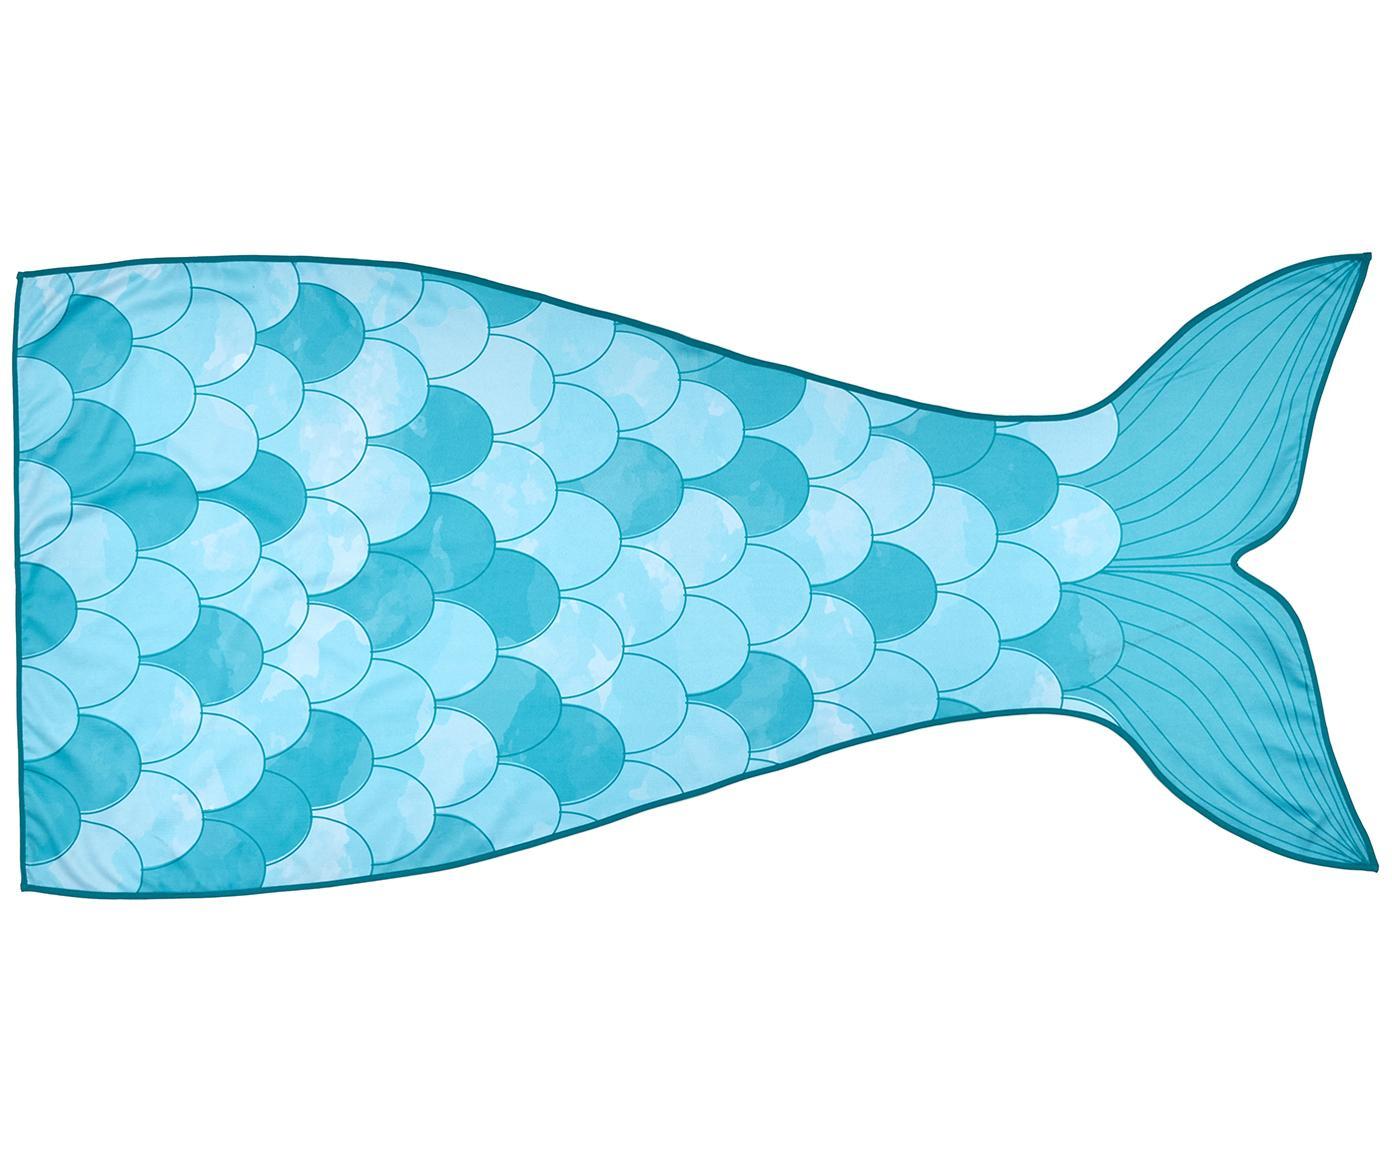 Telo mare Mermaid, 55% poliestere, 45% cotone Qualità molto leggera 340 g/m², Azzurro, turchese, bianco, Larg. 87 x Lung. 180 cm